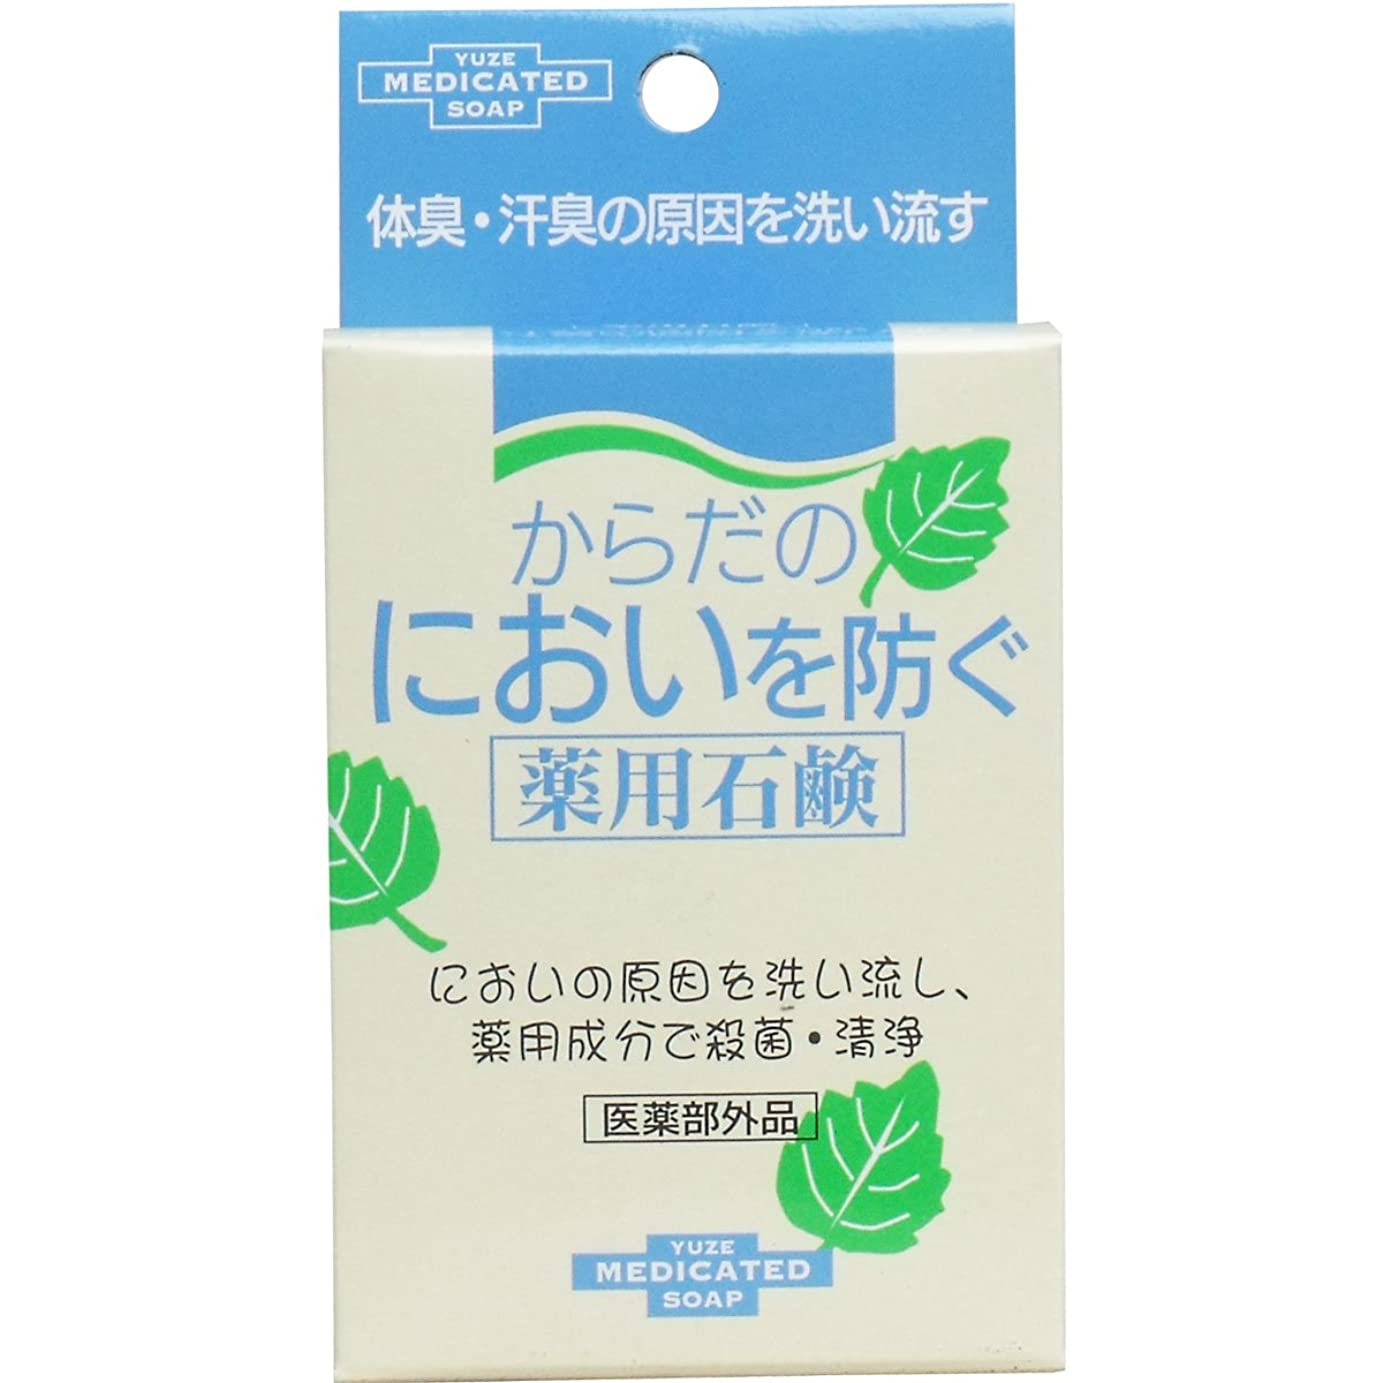 化石スライス懇願するユゼ からだのにおいを防ぐ薬用石鹸 7セット